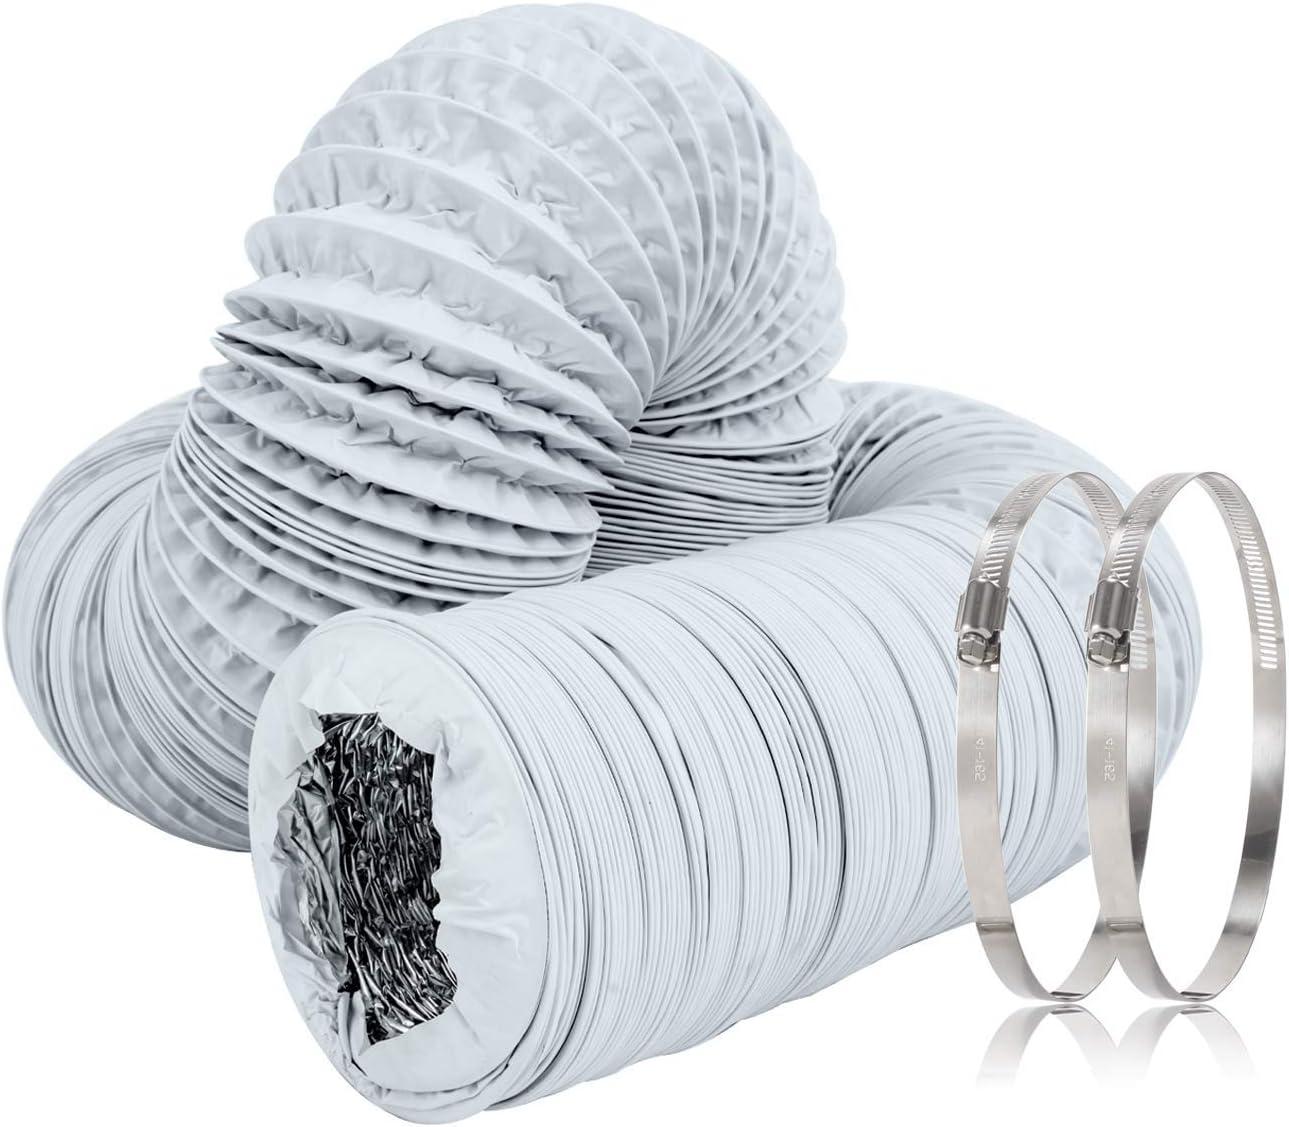 Hon&Guan Tubo de Manguera de Ventilación Tubo Aire Flexible di Aluminio PVC para Extractor de Aire, Climatización, Secadora(ø200mm*5m, Blanco)